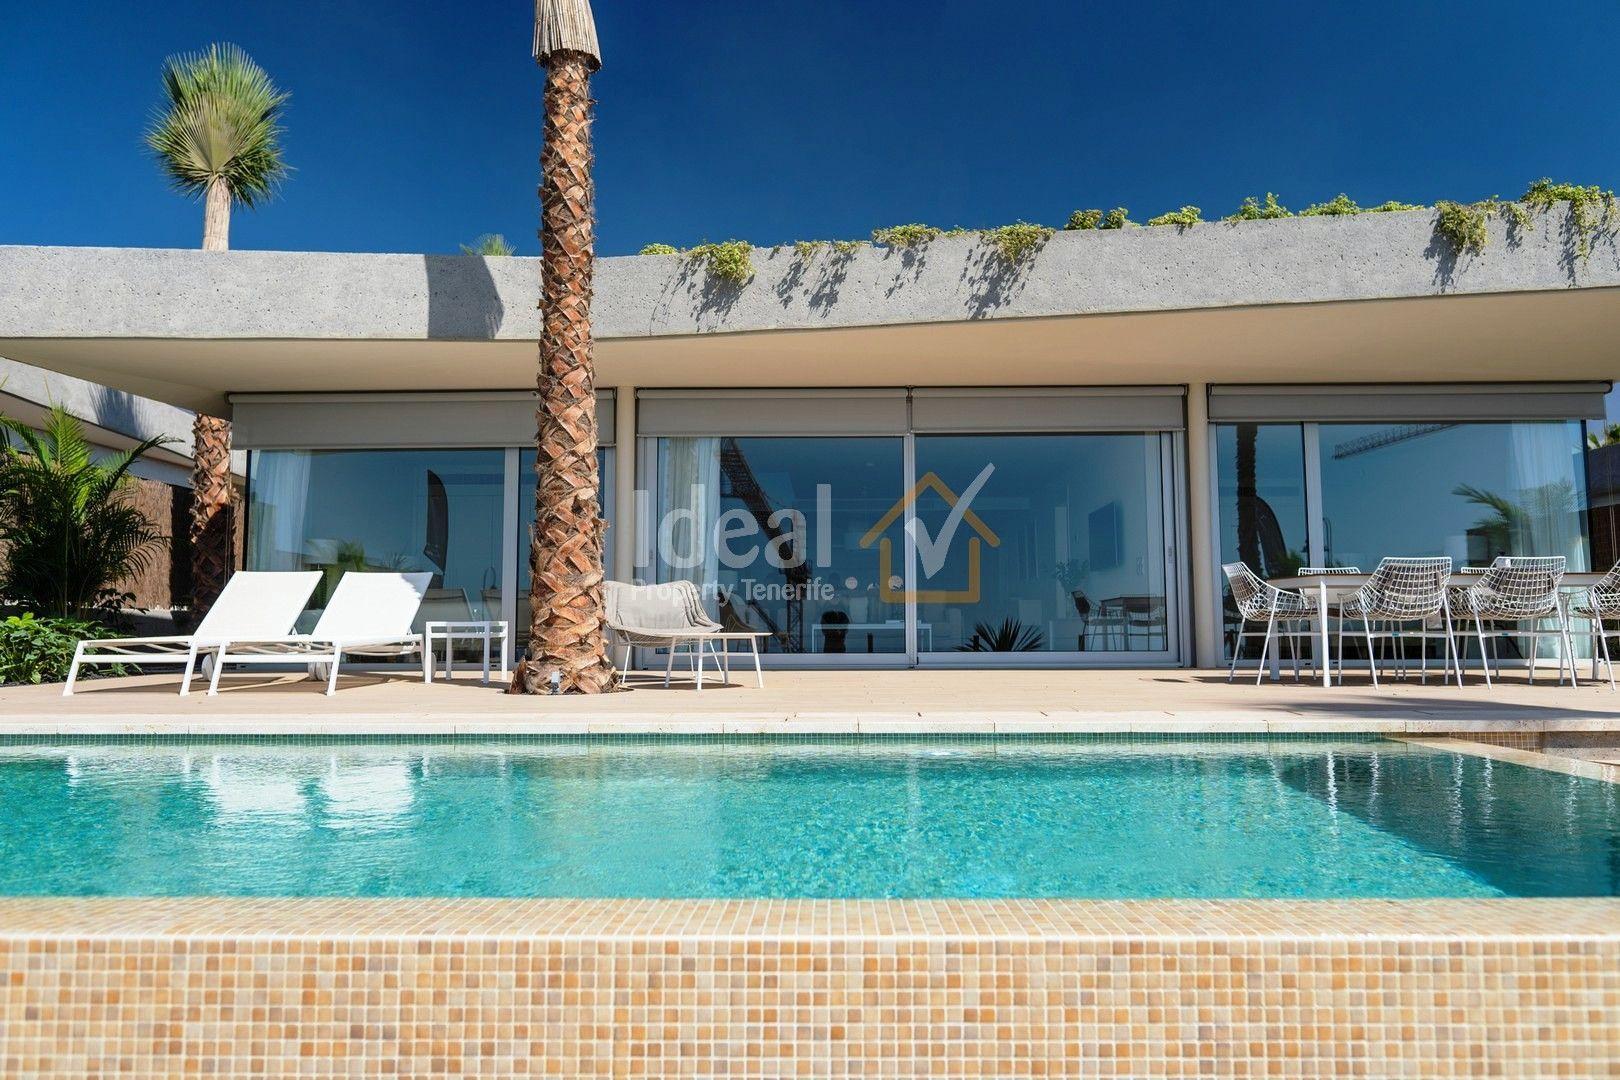 Luxury Villa in Abama, Villas del Tenis, for sale